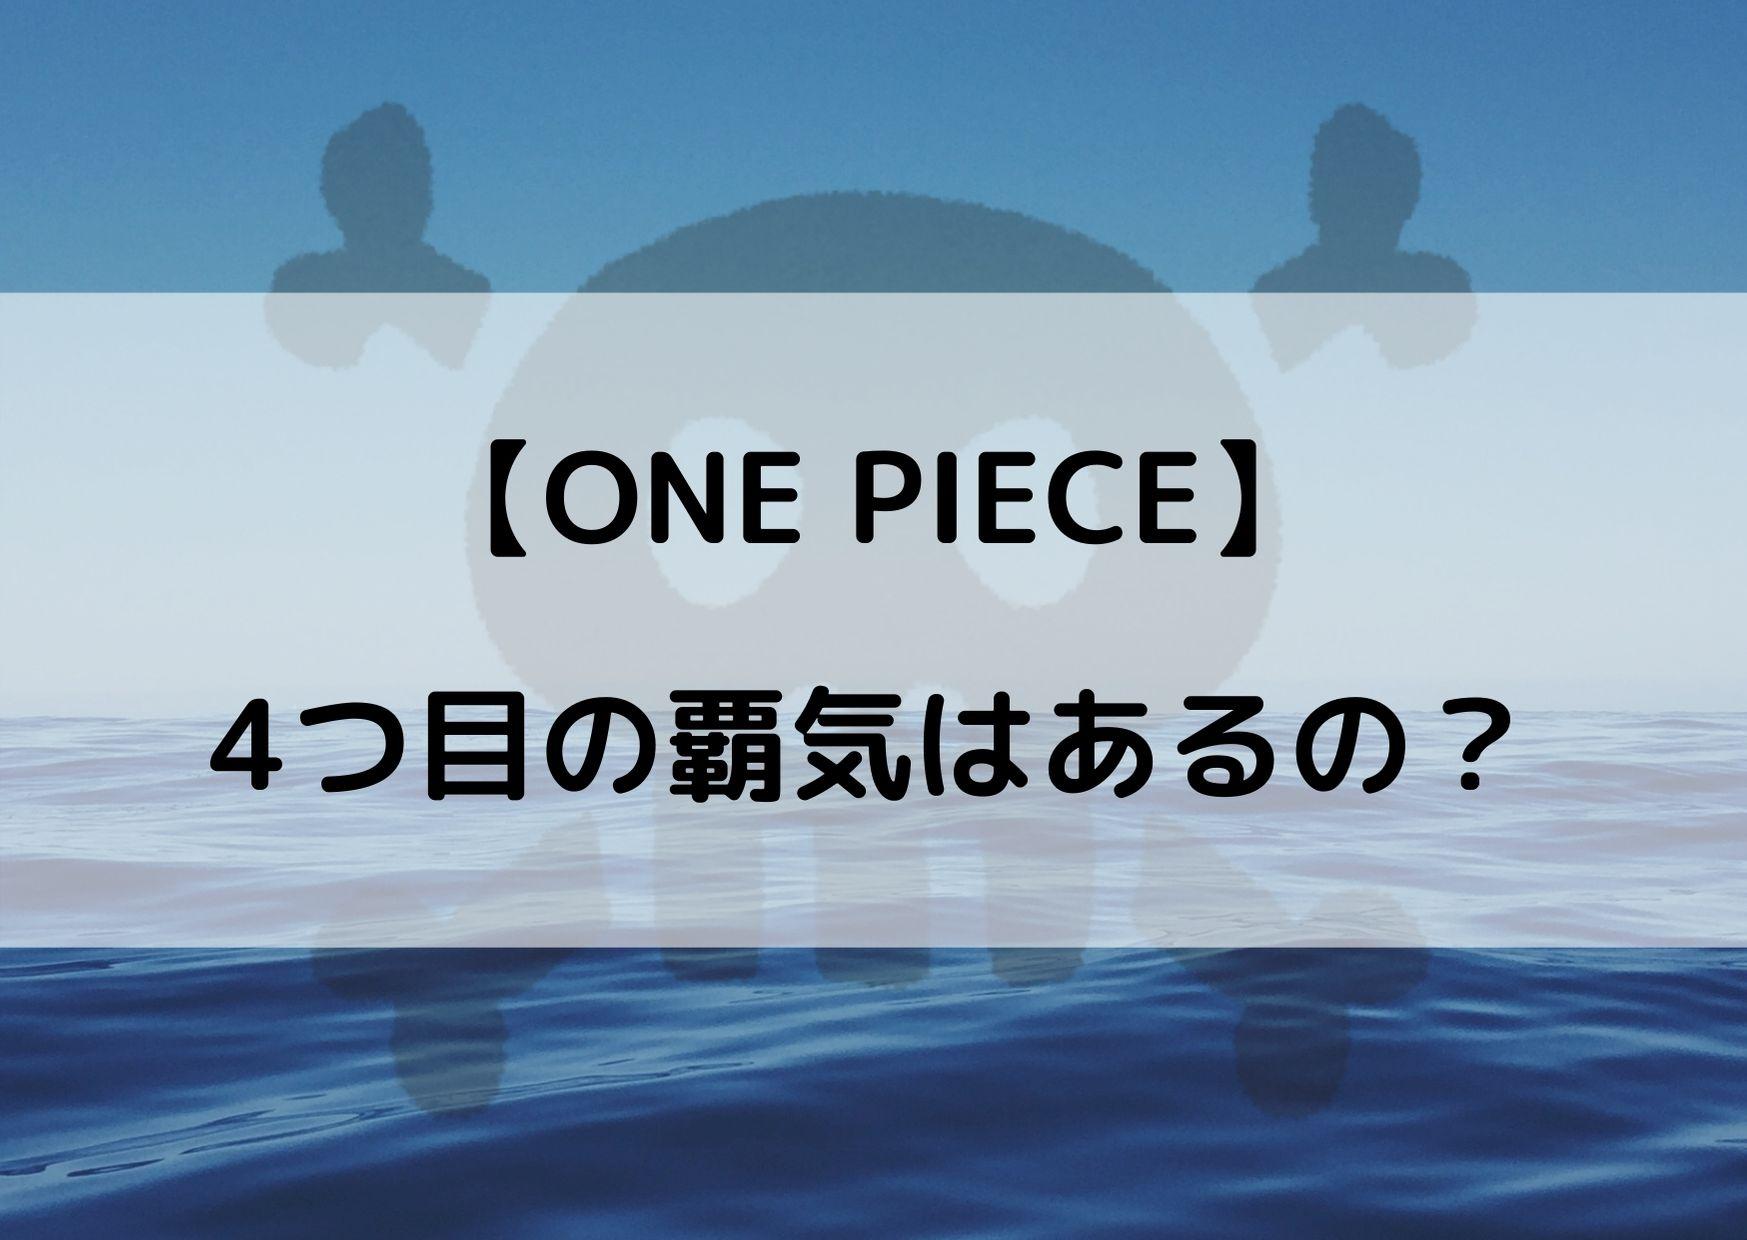 ワンピース 覇気 4つ目